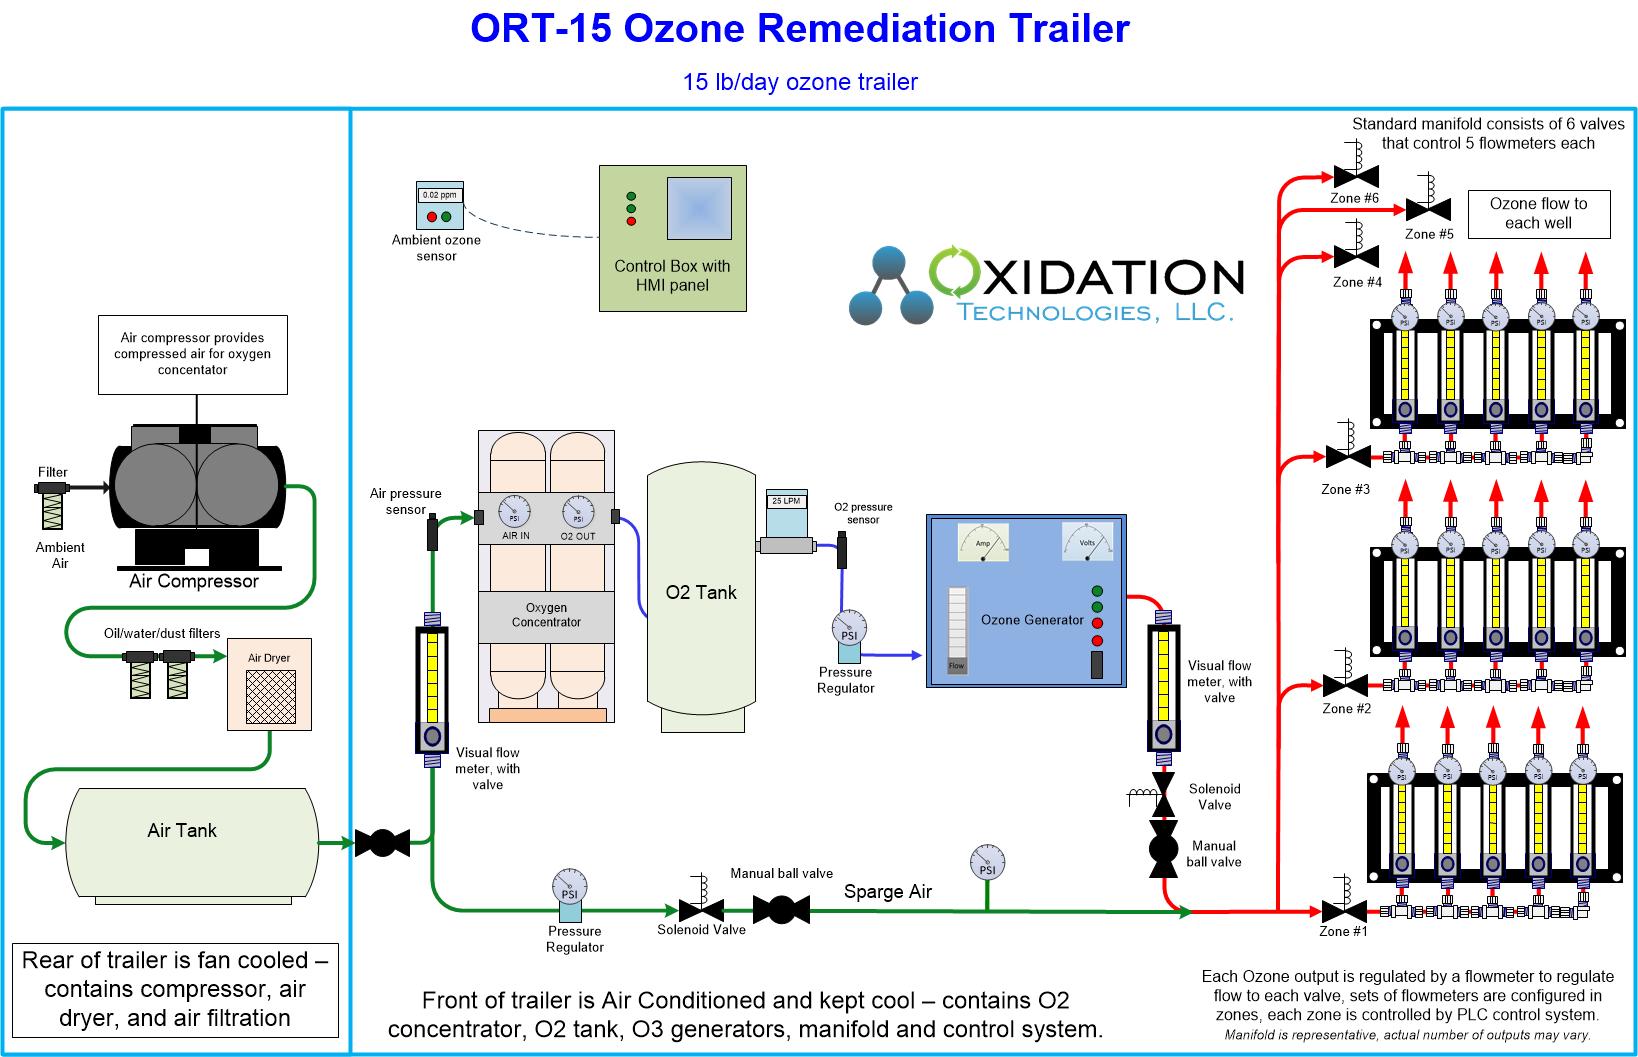 15 lb/day ozone remediation trailer diagram